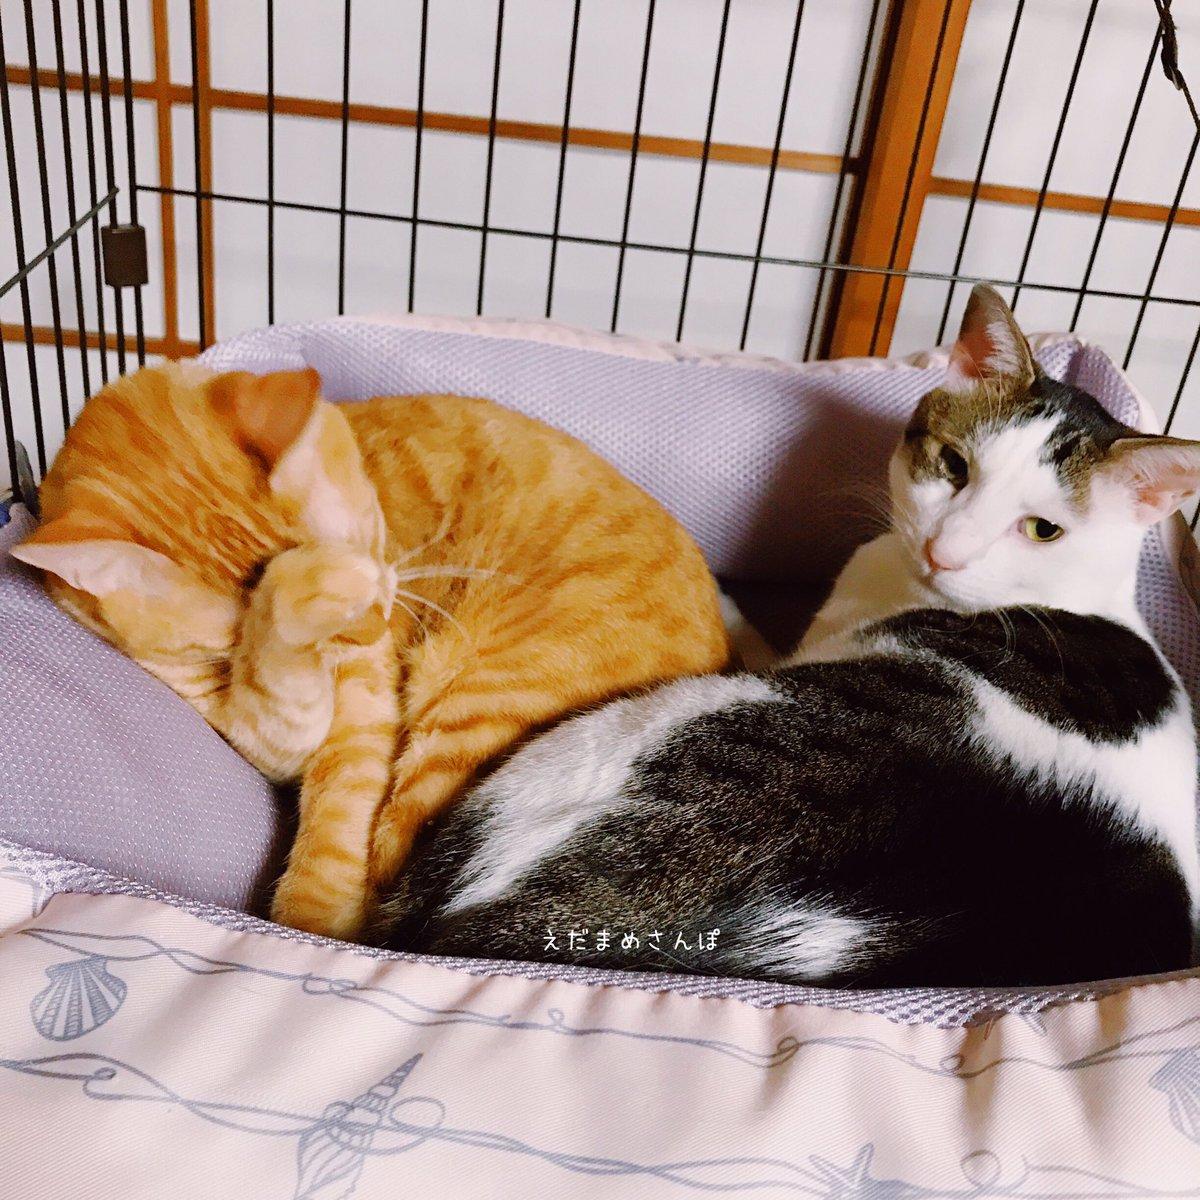 おはようございます。  #猫好きさんと繋がりたい #猫のいる暮らし #猫好き #茶トラ #きじしろ #兄弟猫 https://t.co/jK4w9CniPU